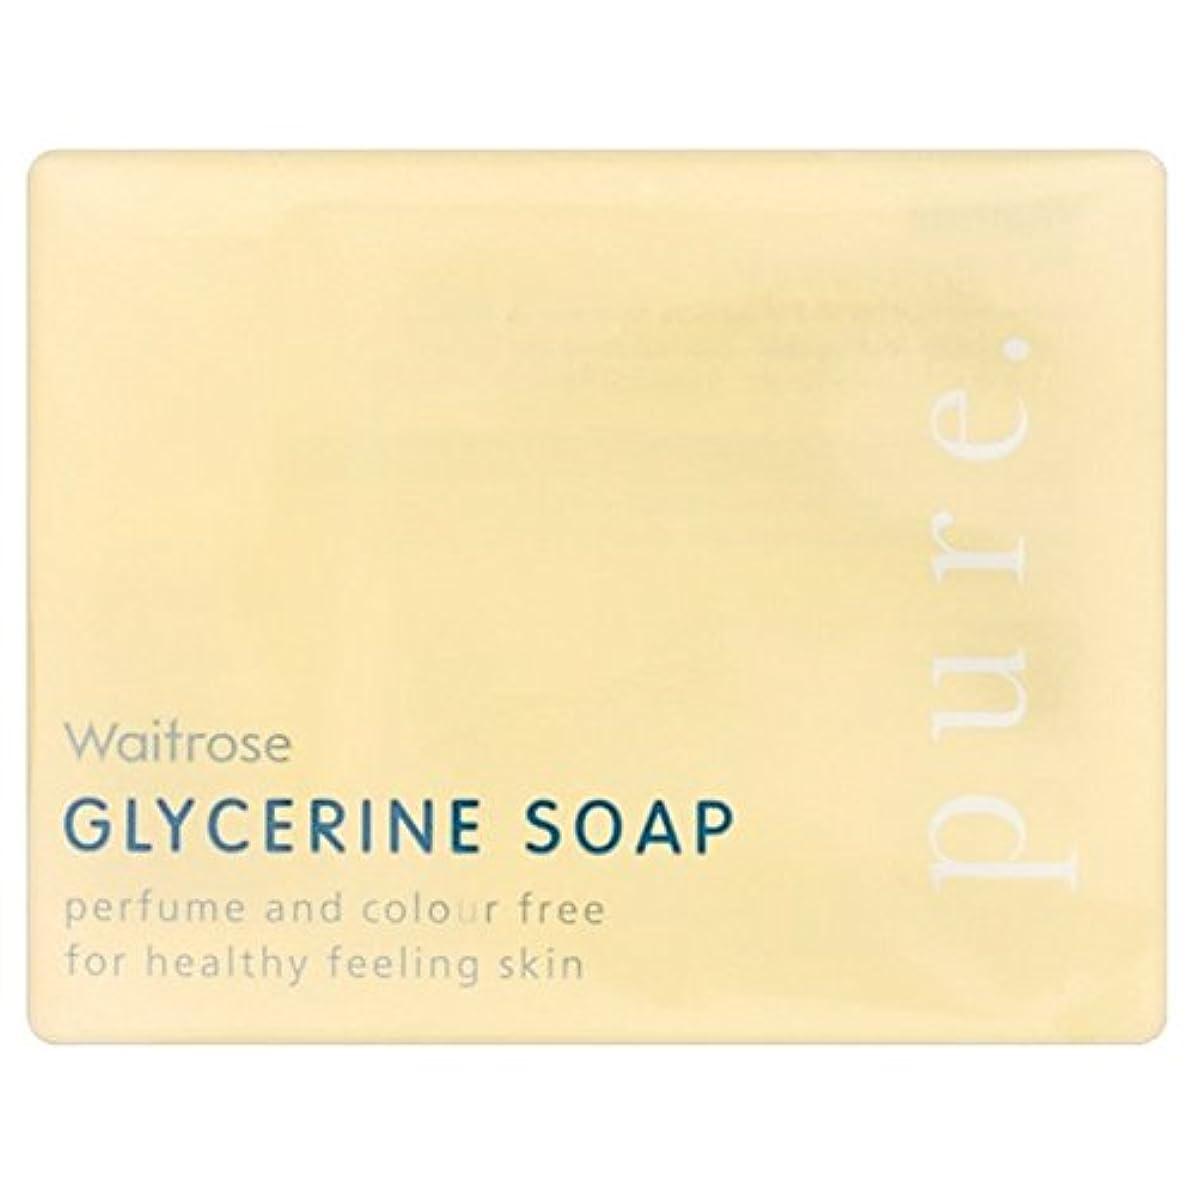 シャベル落胆した達成Pure Glycerine Soap Waitrose 100g (Pack of 6) - 純粋なグリセリンソープウェイトローズの100グラム x6 [並行輸入品]